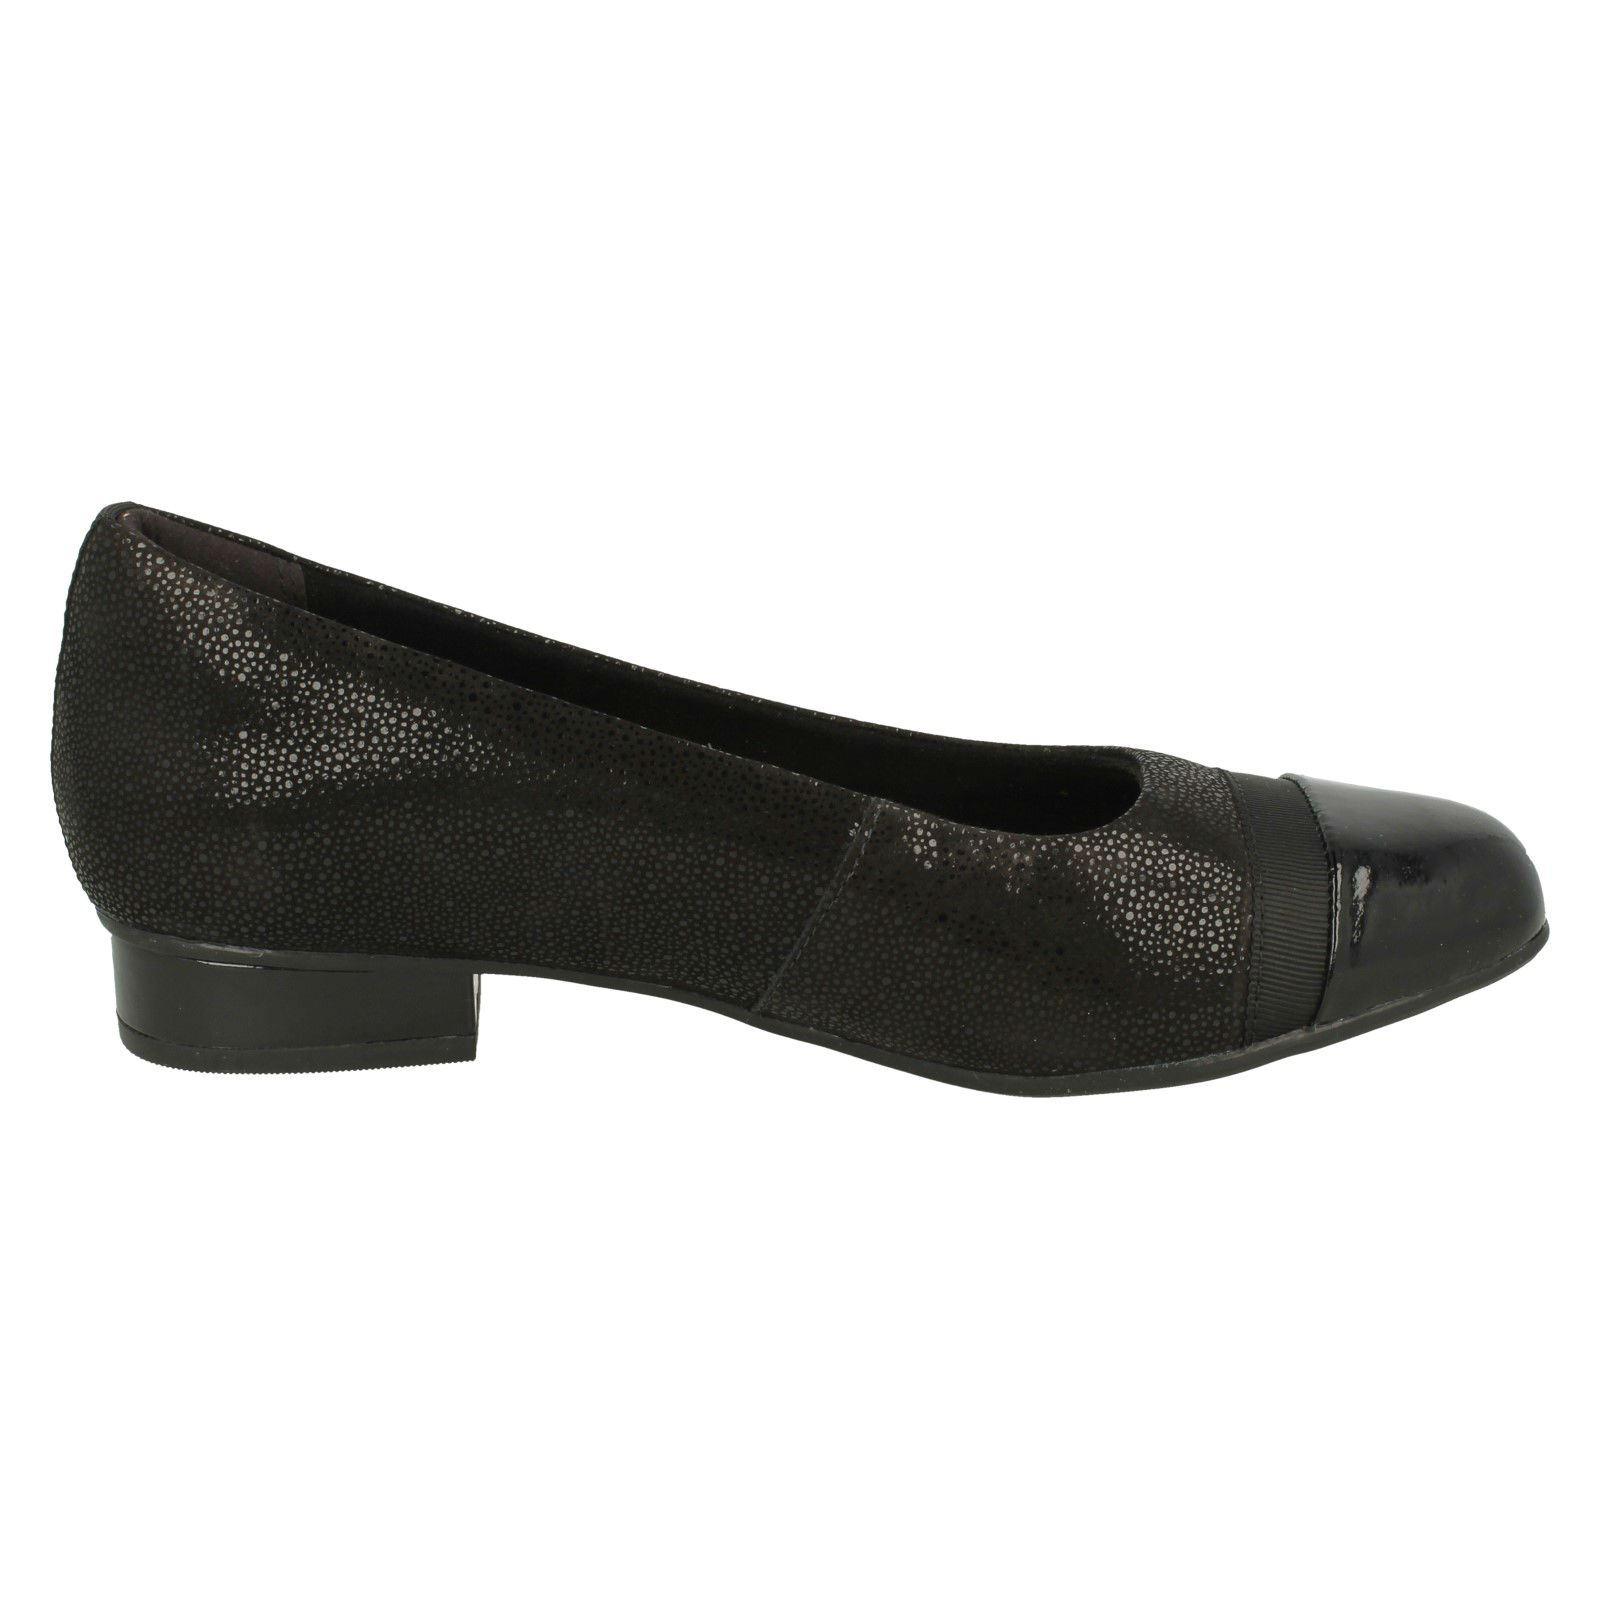 Damen-Clarks-Slipper-Leder-Ballerina-Stil-Flache-Keesha-Rosa Indexbild 25